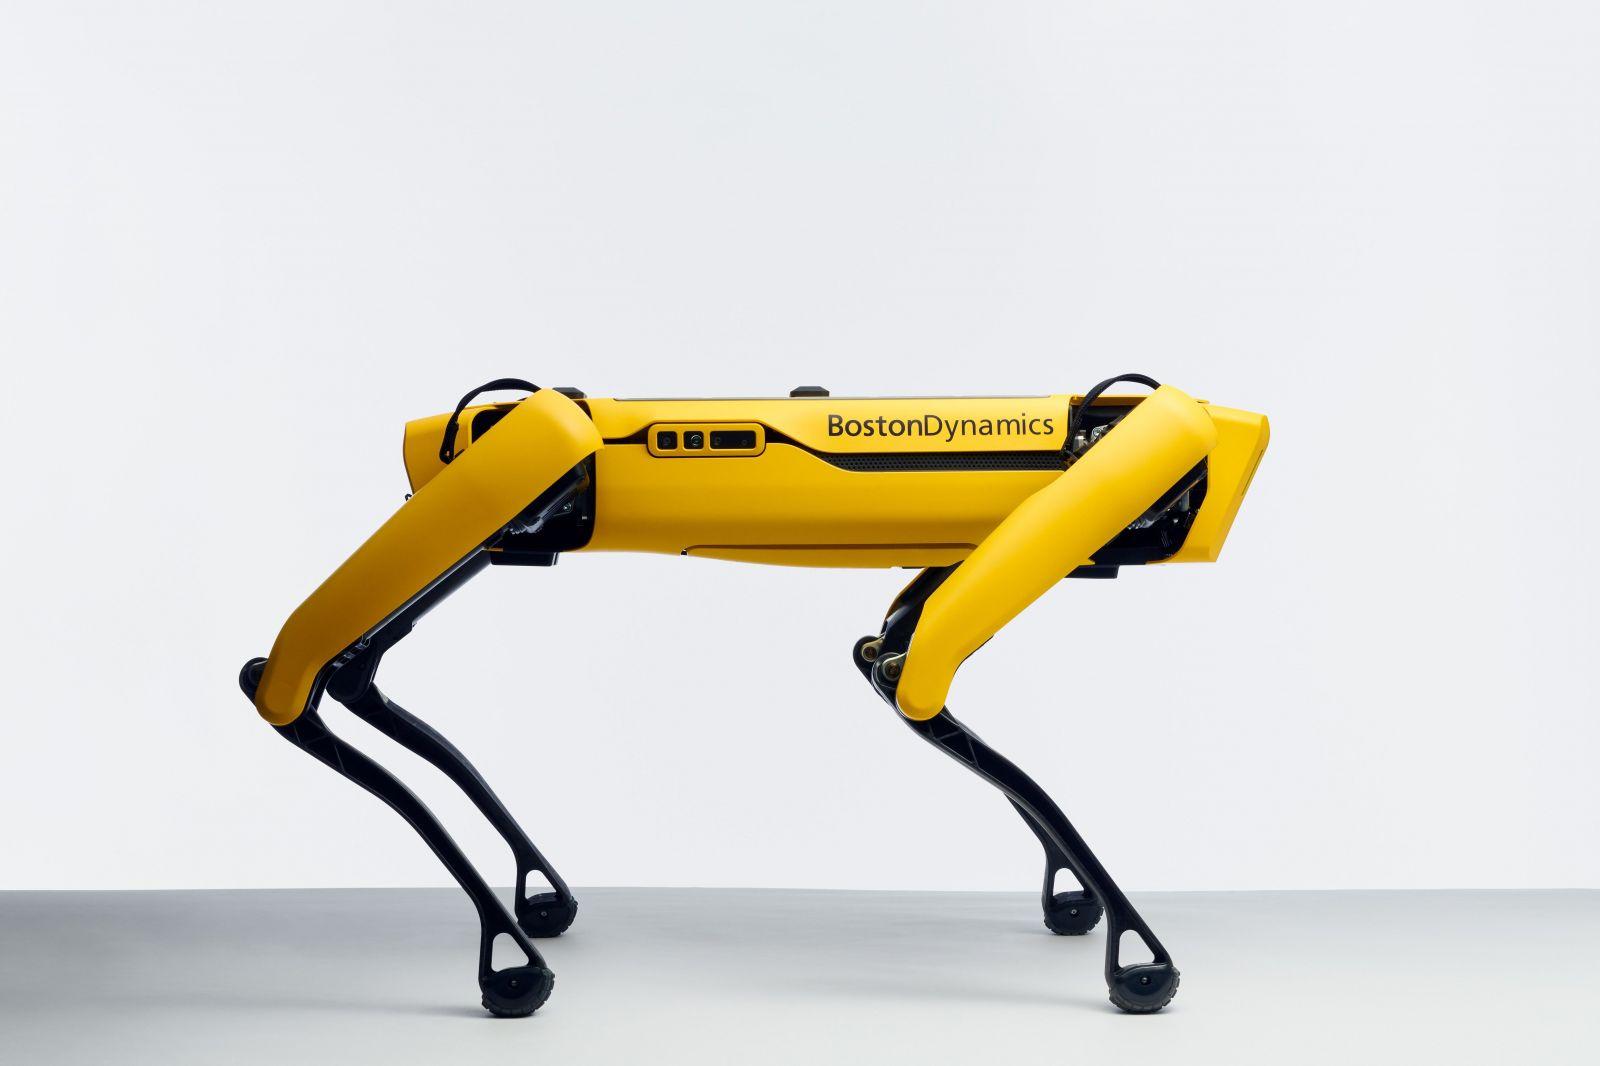 Hrozivo dokonalého autonómneho robota Boston Dynamics si už môžeš objednať. Stojí 74 500 dolárov